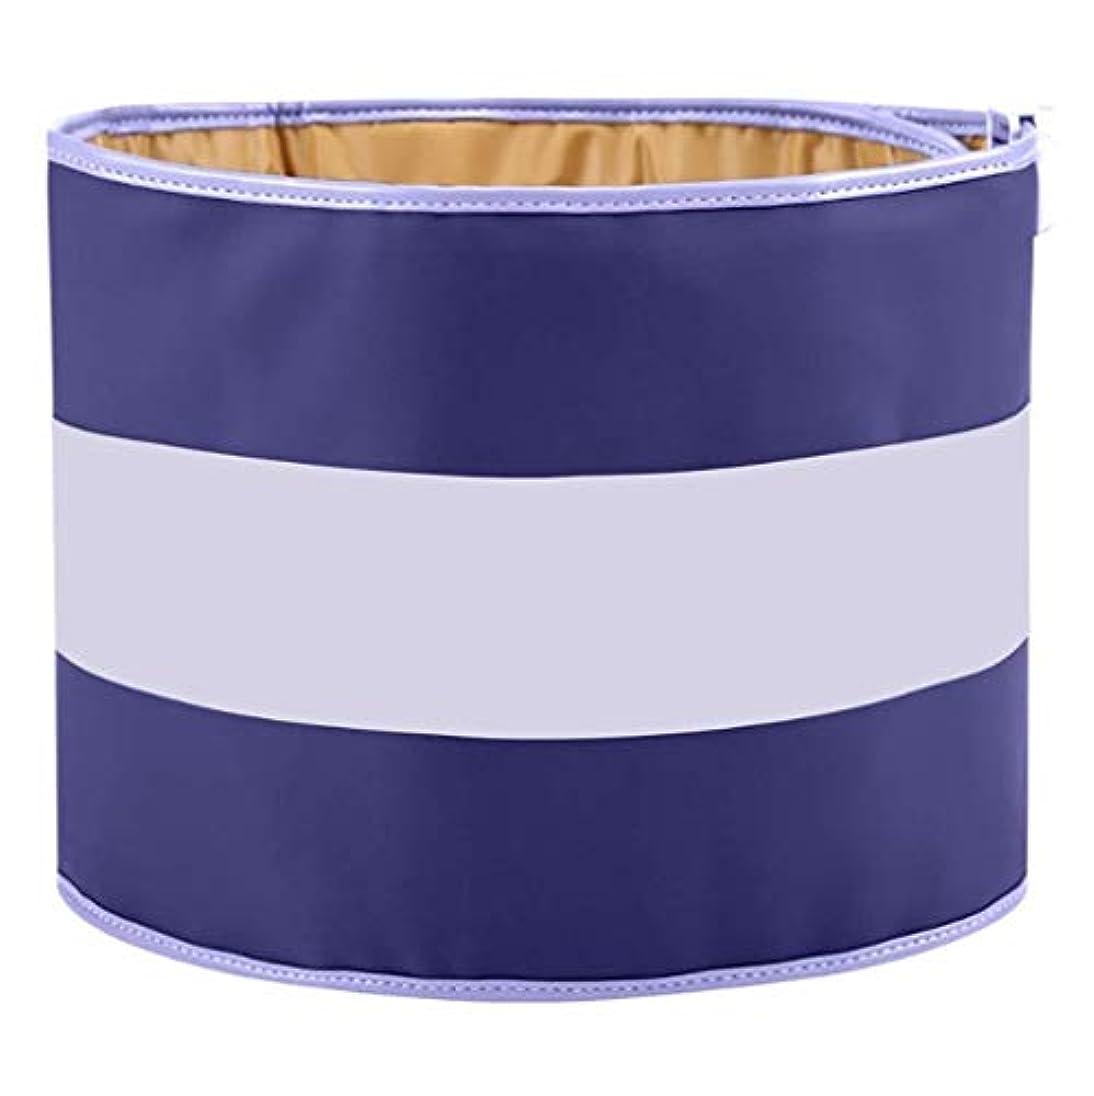 ズボン強います良いウエストマッサージャー、ウエストヒーティングベルト、Mホットコンプレス、血液循環の促進、3つのモードを調整可能、痛みを和らげ、保温 (Color : Purpleblue)